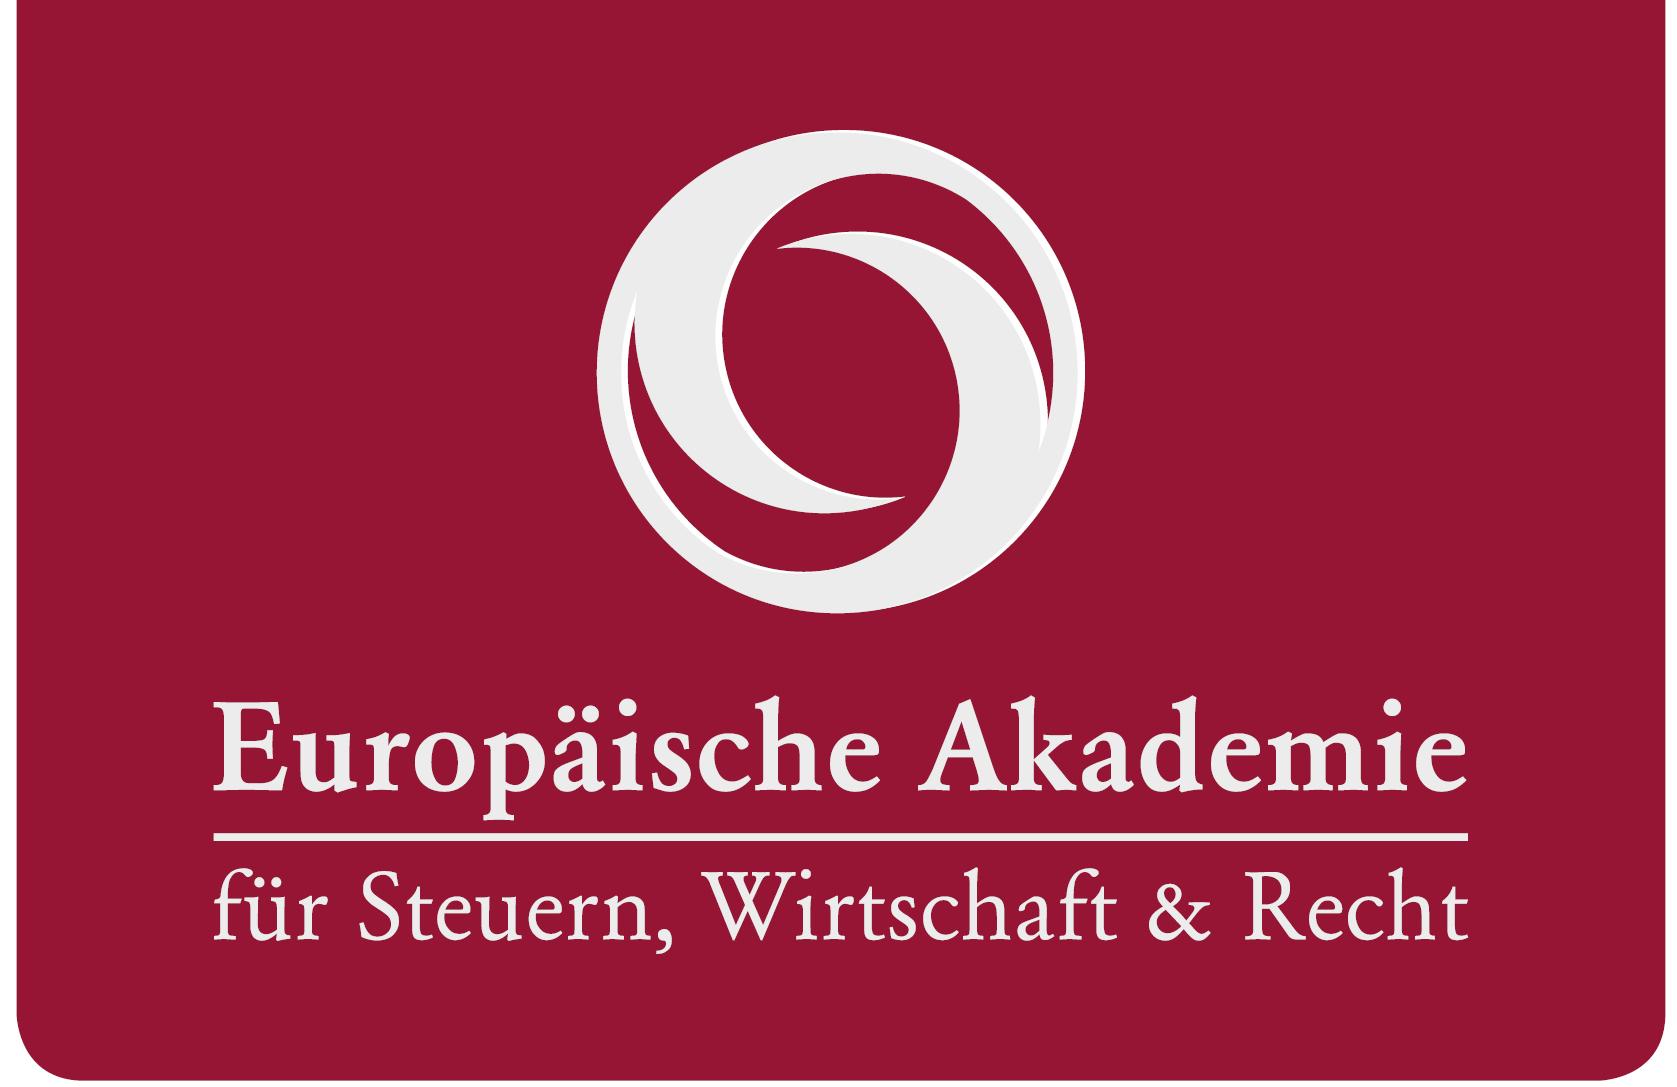 eak_logo_deutsch